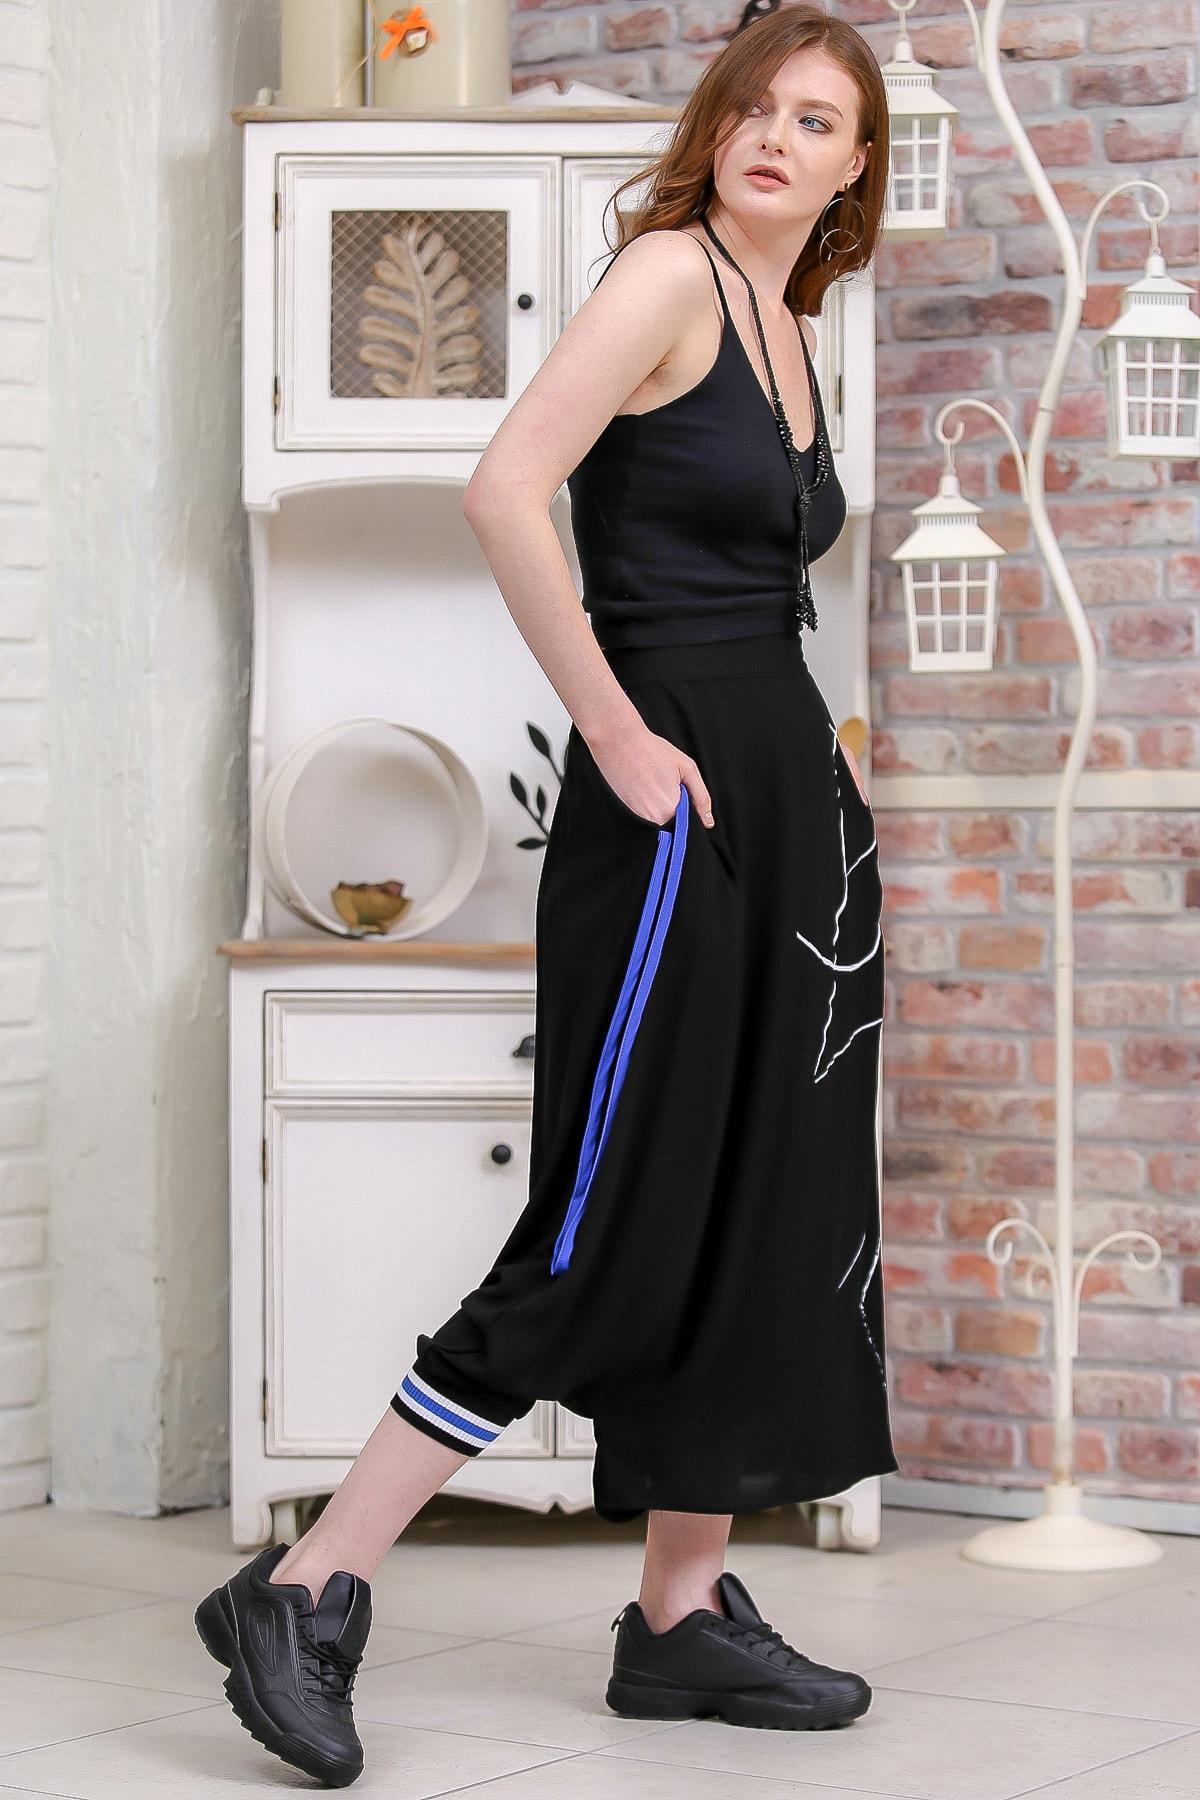 Chiccy Kadın Siyah Tek Paçası Lastik Detaylı Diğeri Açık Çizgisel Baskılı Şalvar Pantolon  M10060000PN99192 3